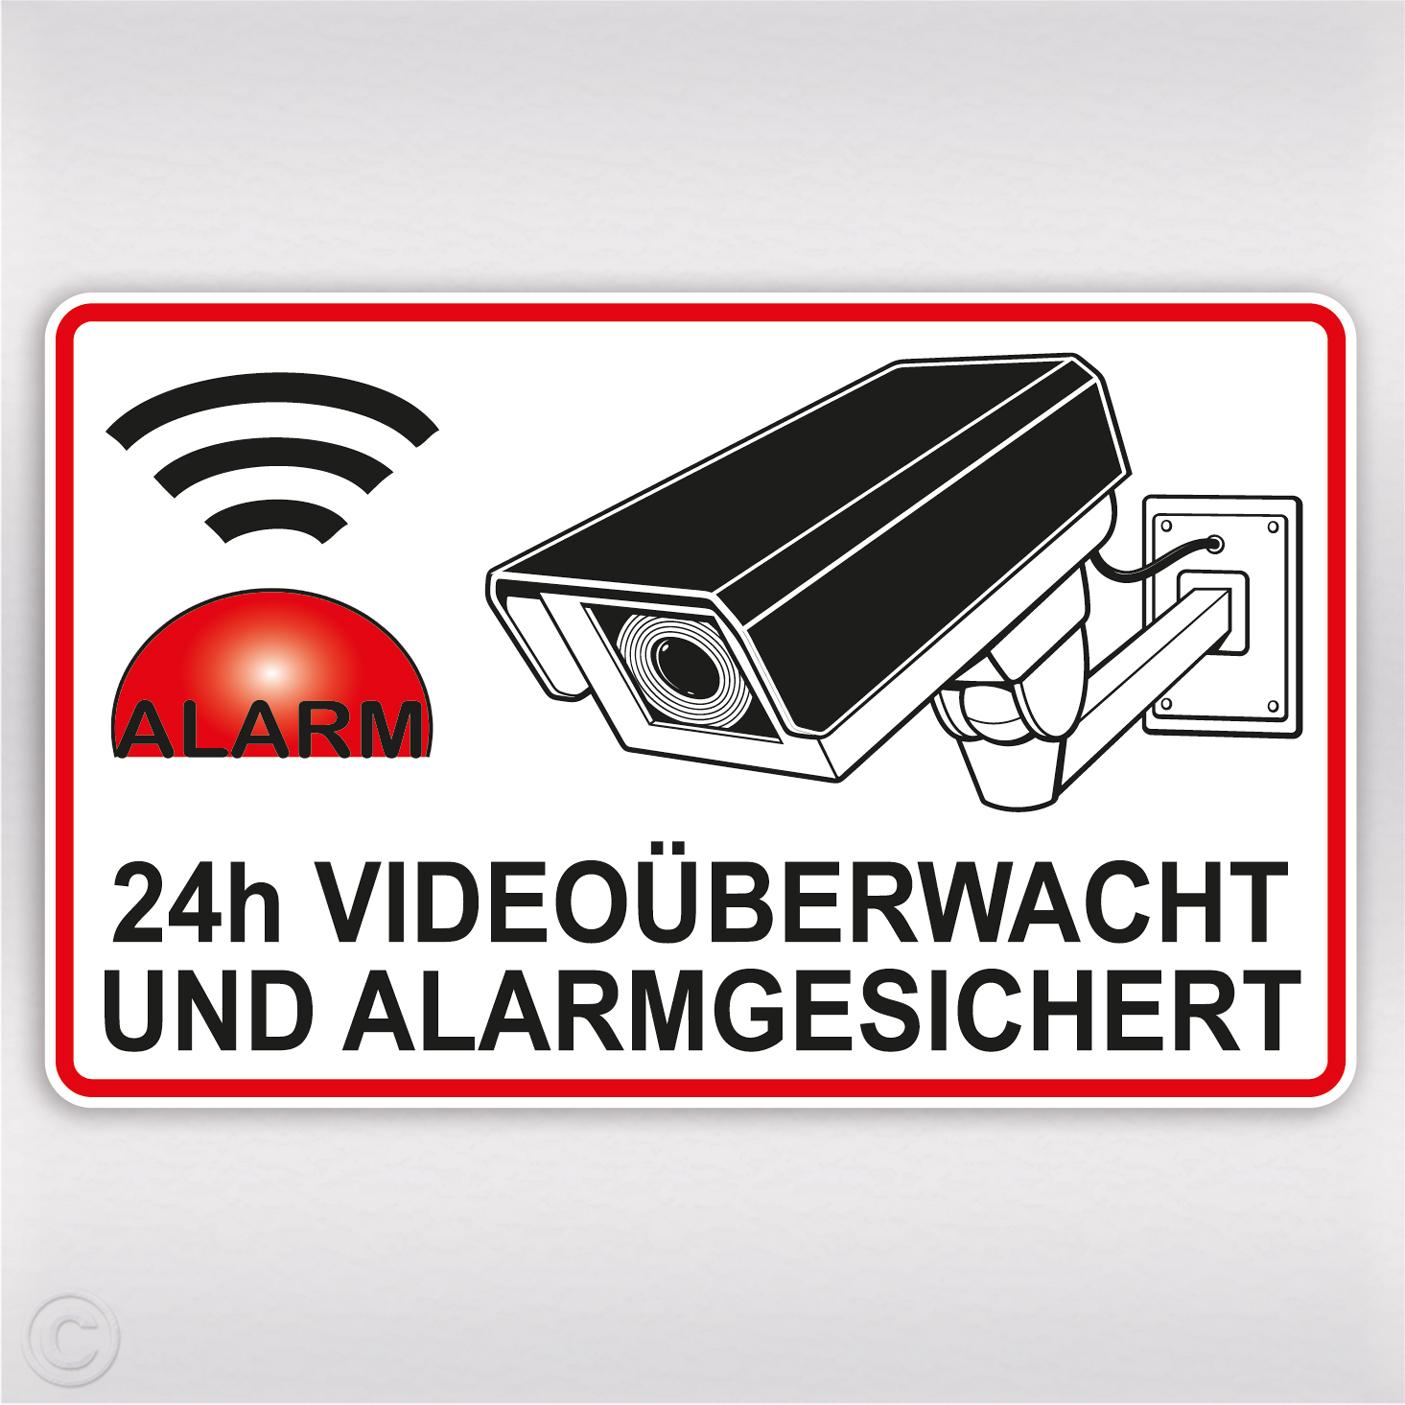 Videouberwachung Aufkleber Alarmgesichert Mit Kamera Und 24h Hinweis